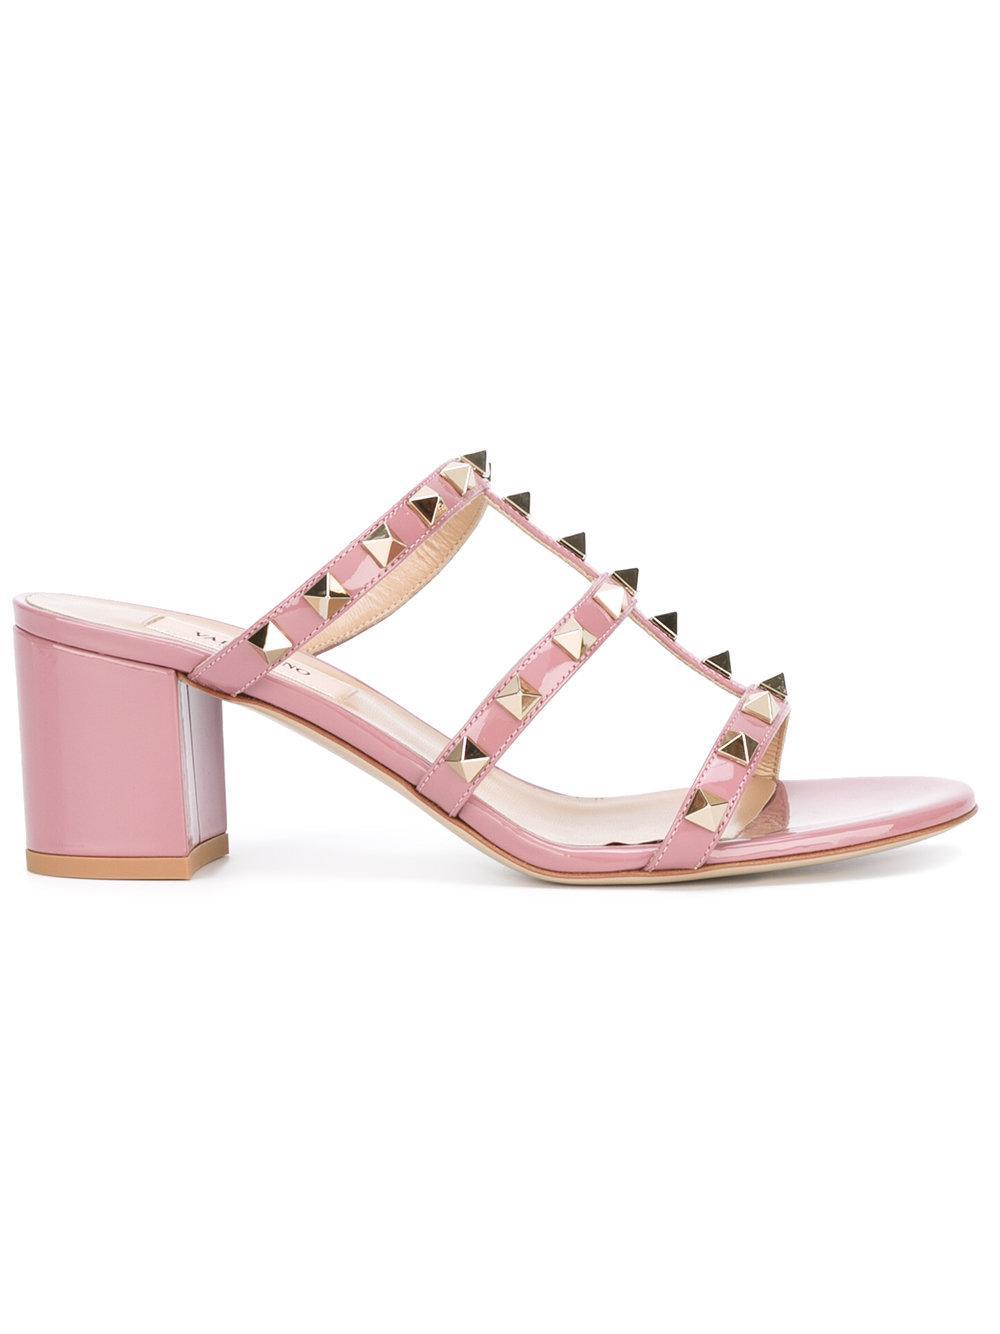 Lyst Valentino Garavani Rockstud Sandals In Pink